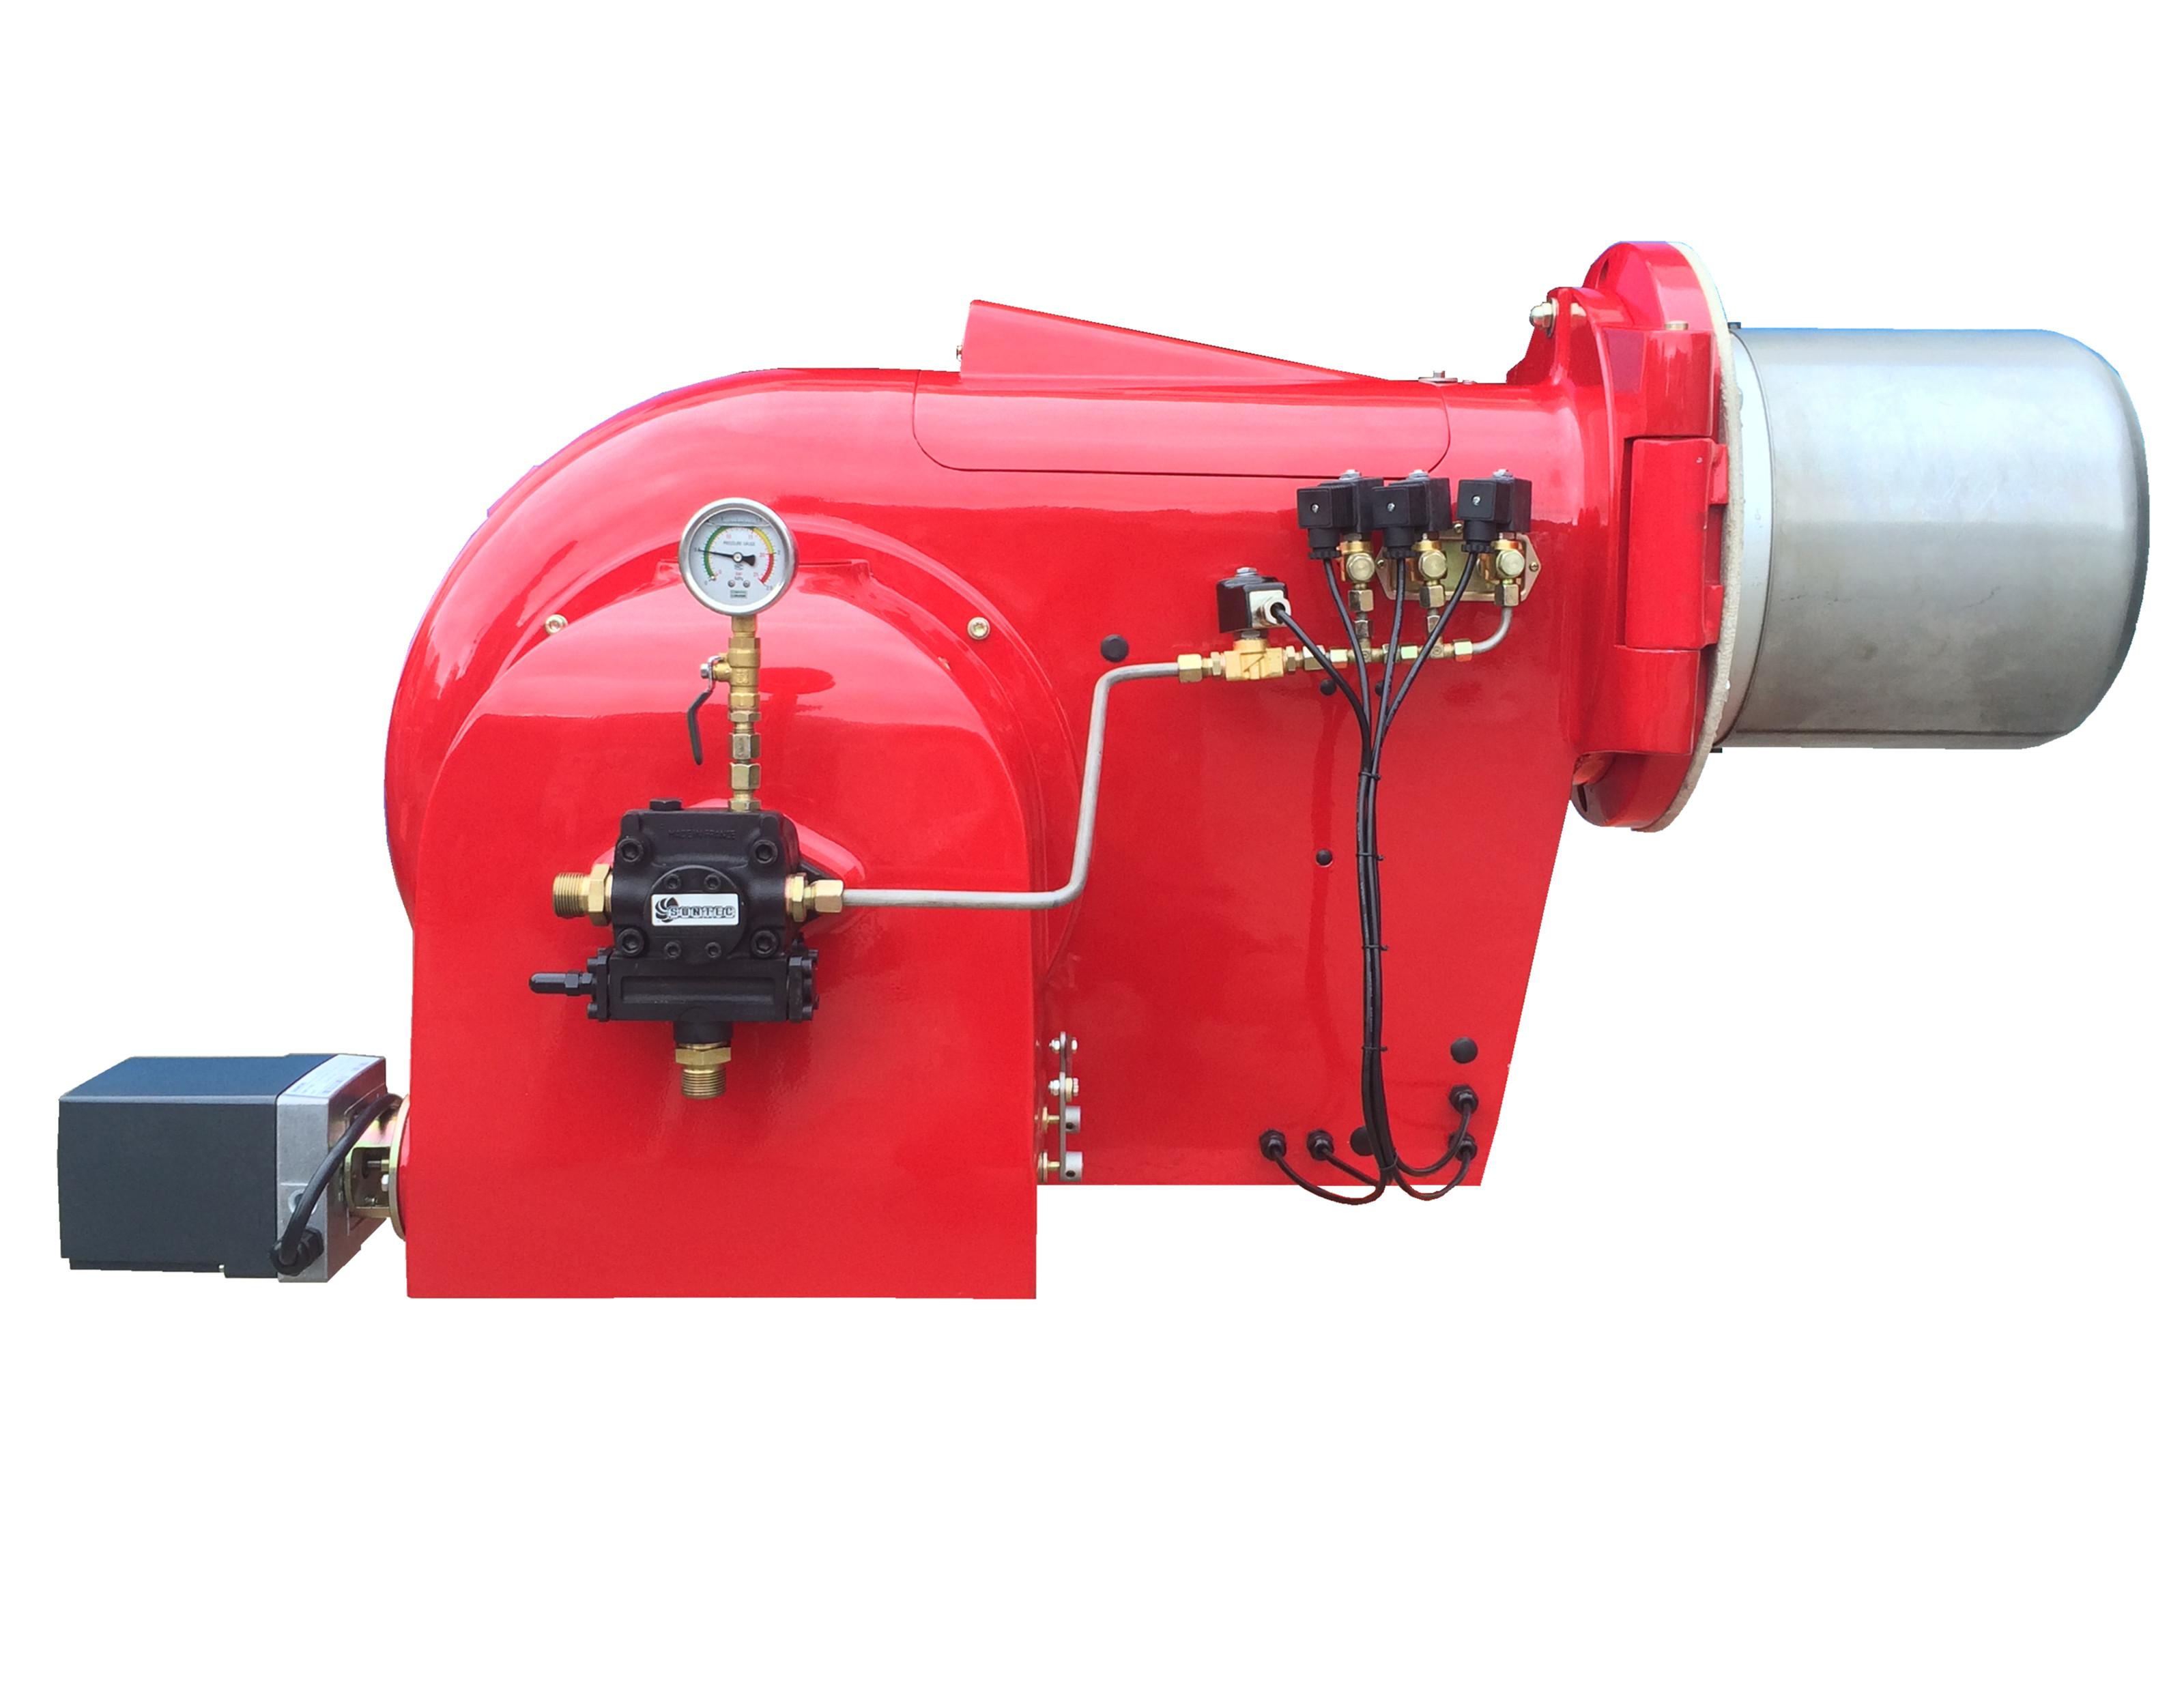 立式蒸汽锅炉价格/立式燃气锅炉维修/立式工业锅炉